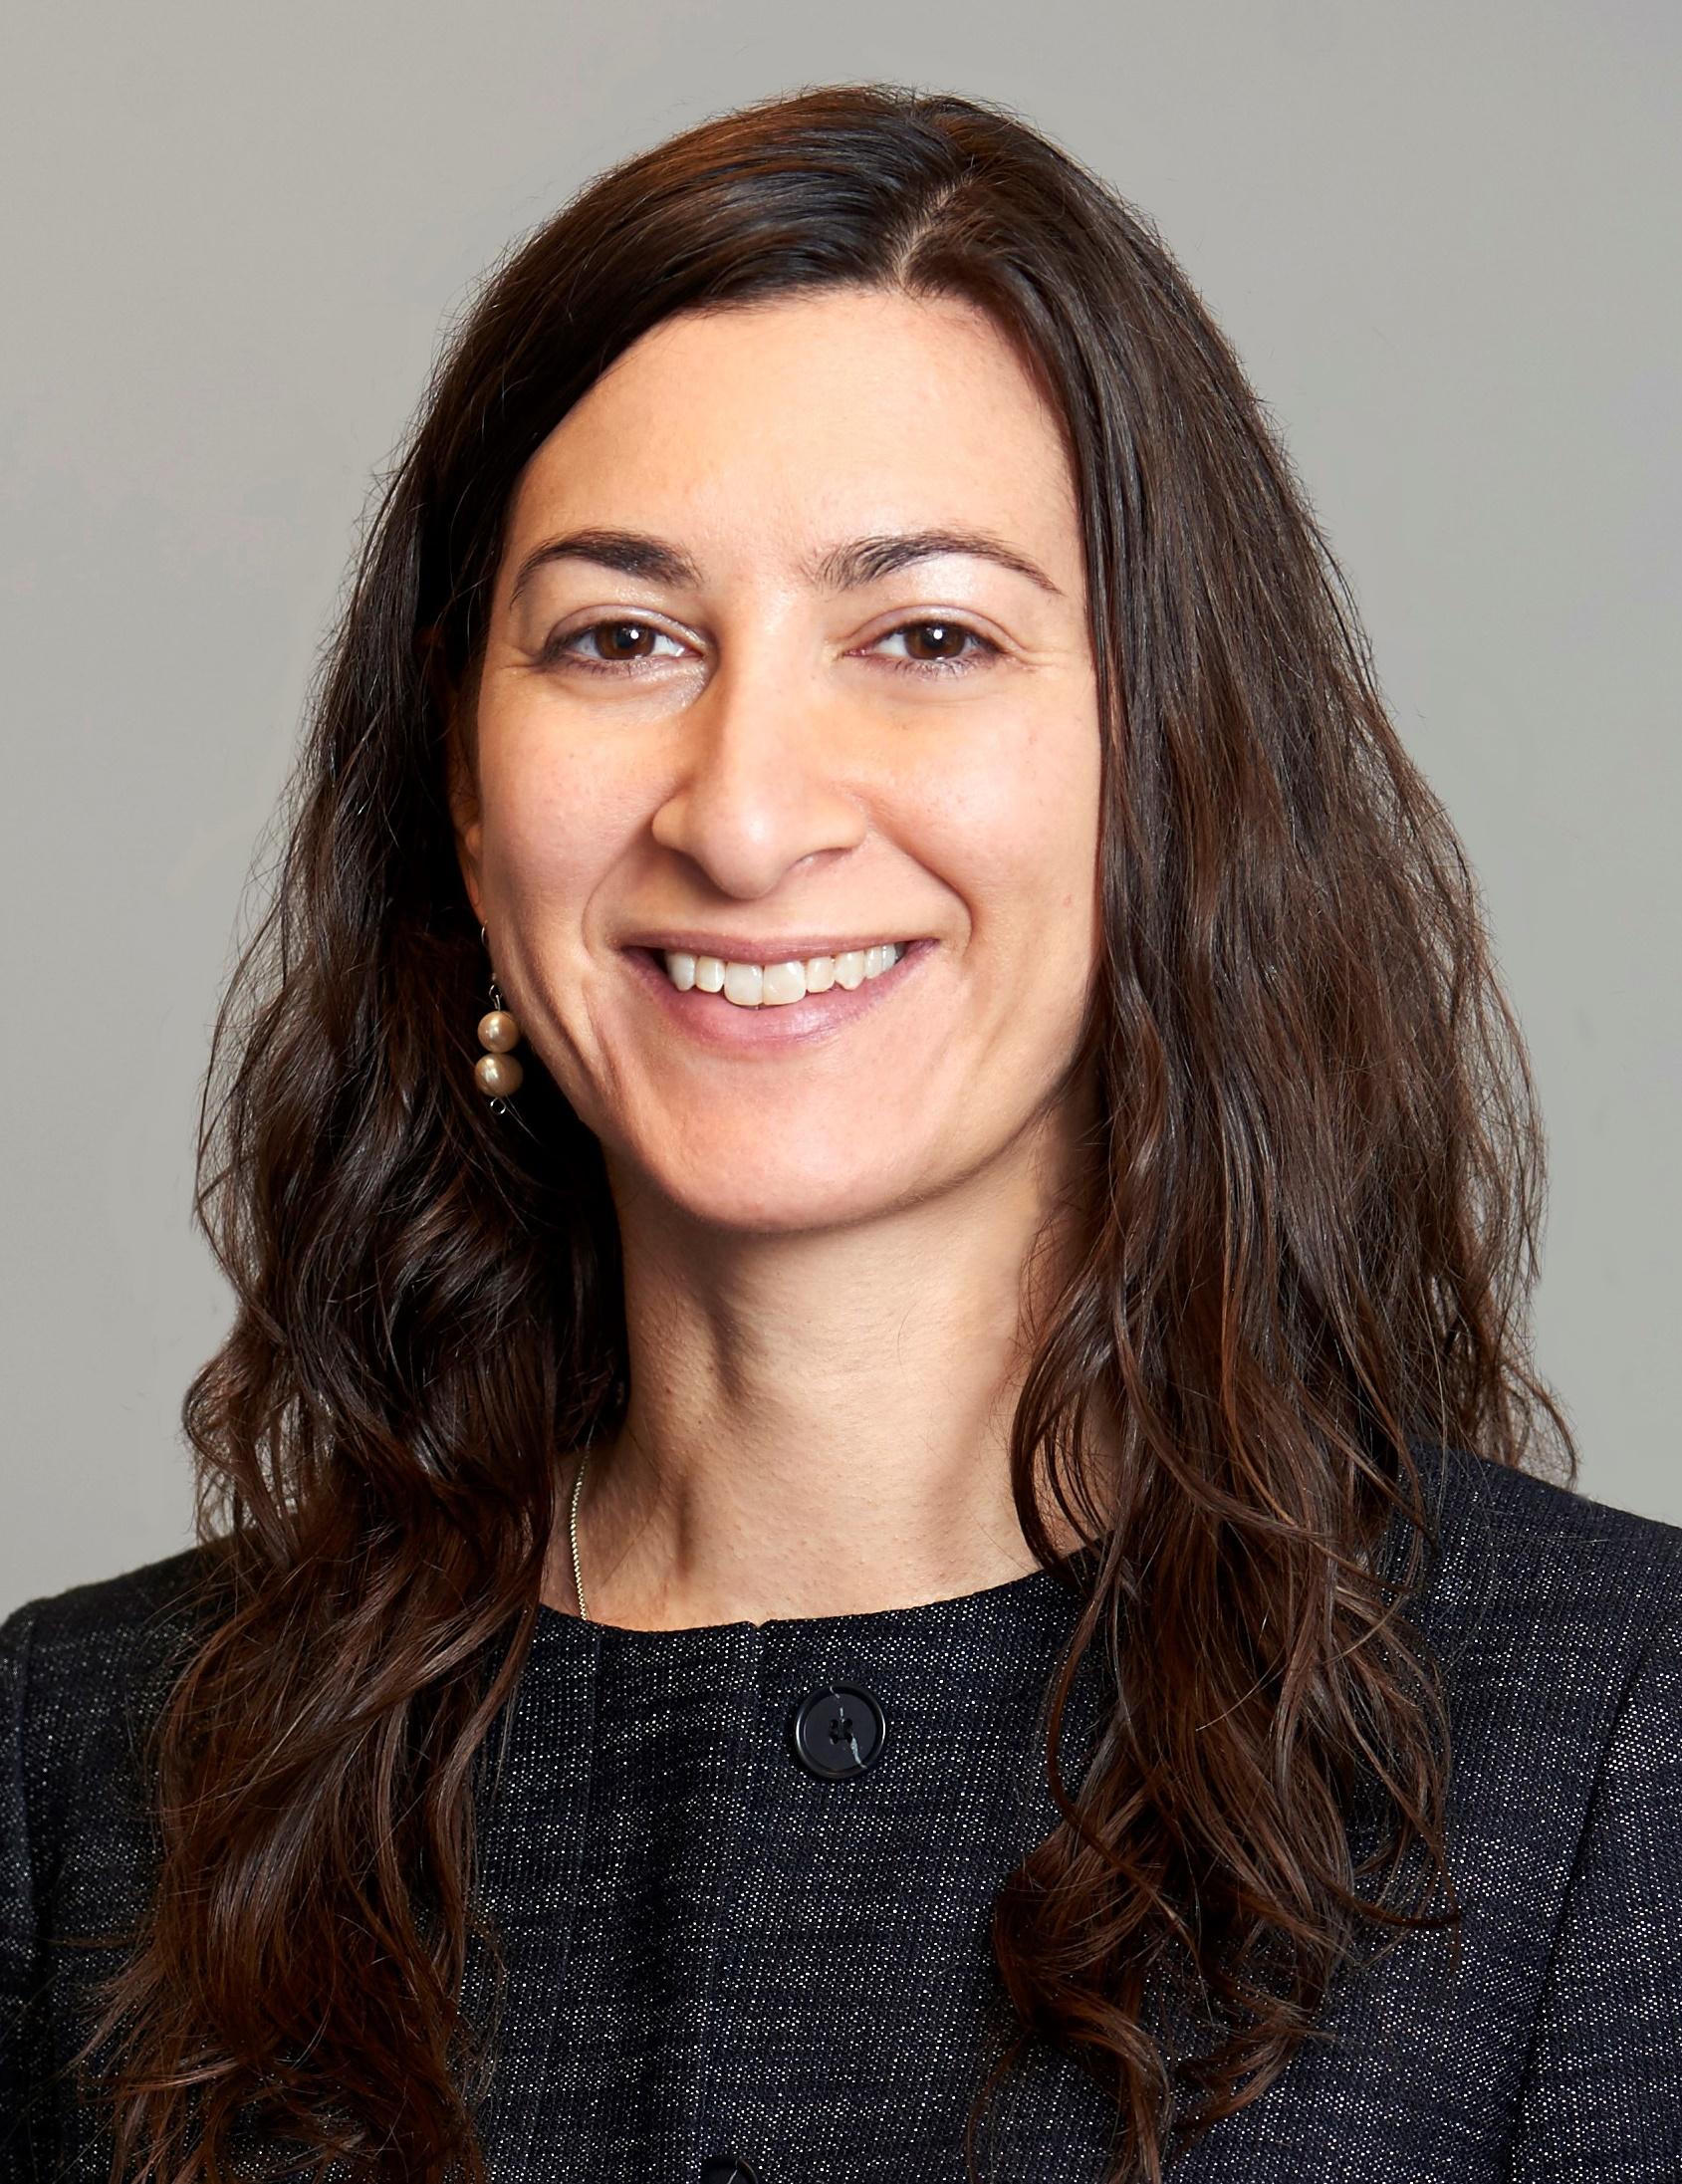 Toni Lastella